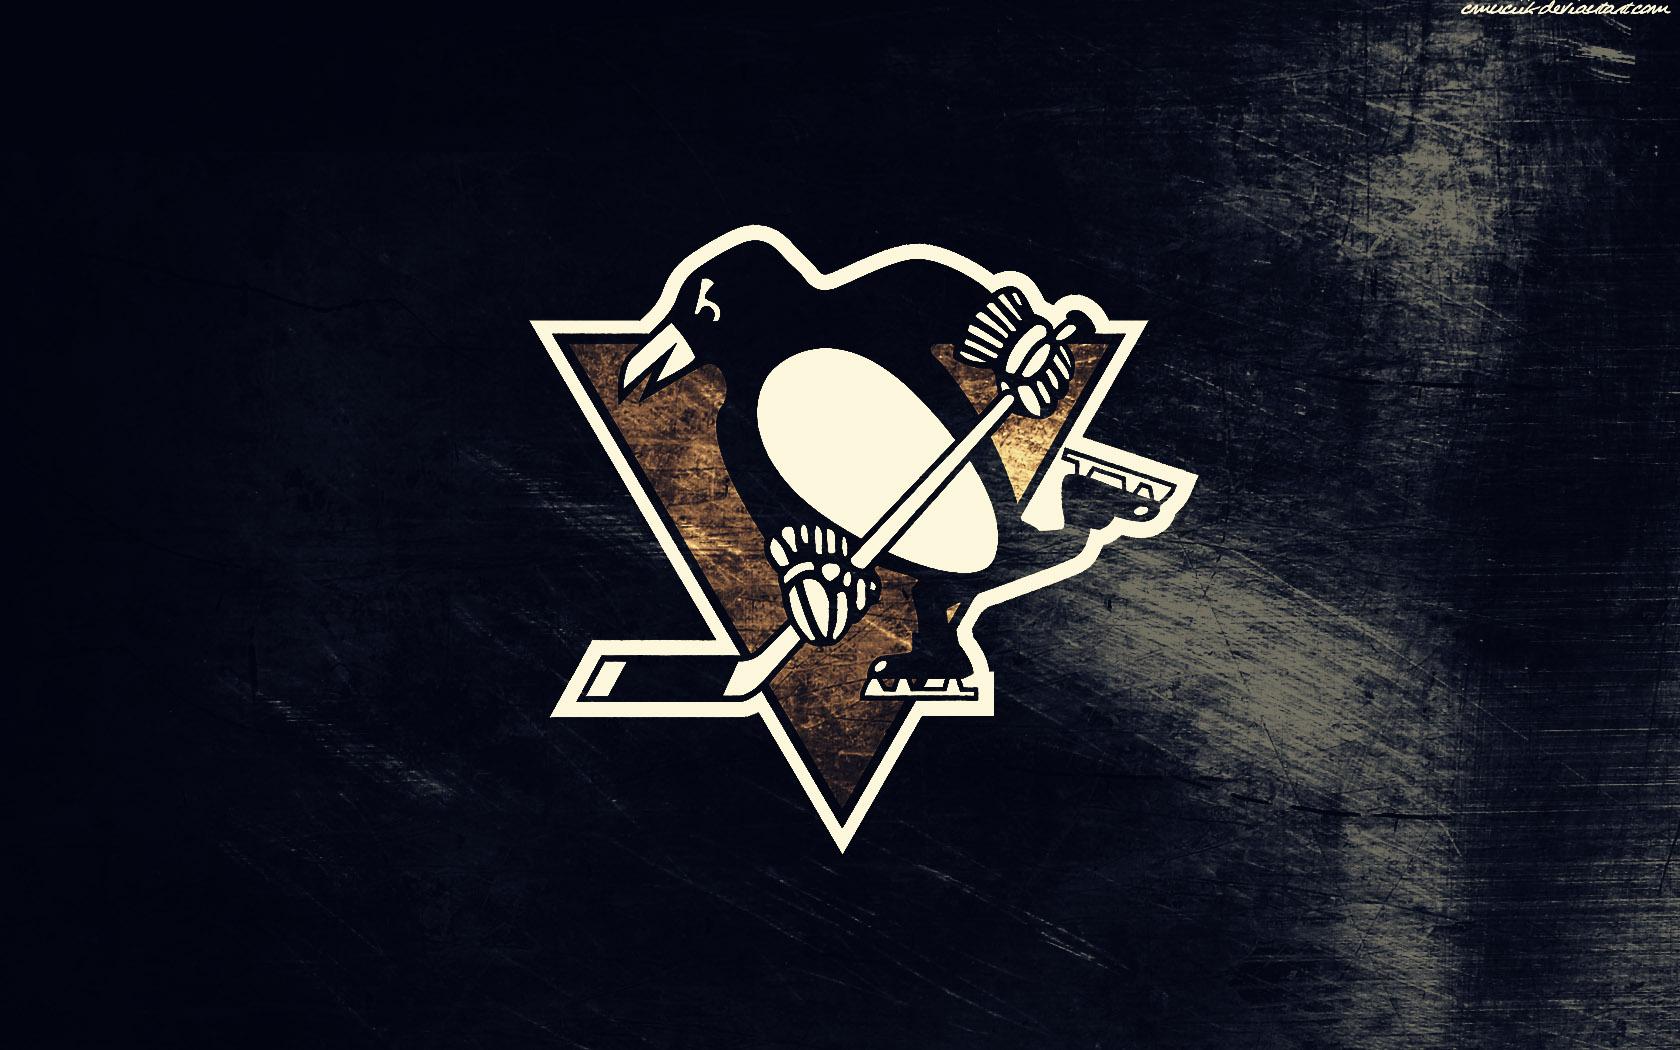 [44+] Pittsburgh Penguins Wallpaper HD on WallpaperSafari